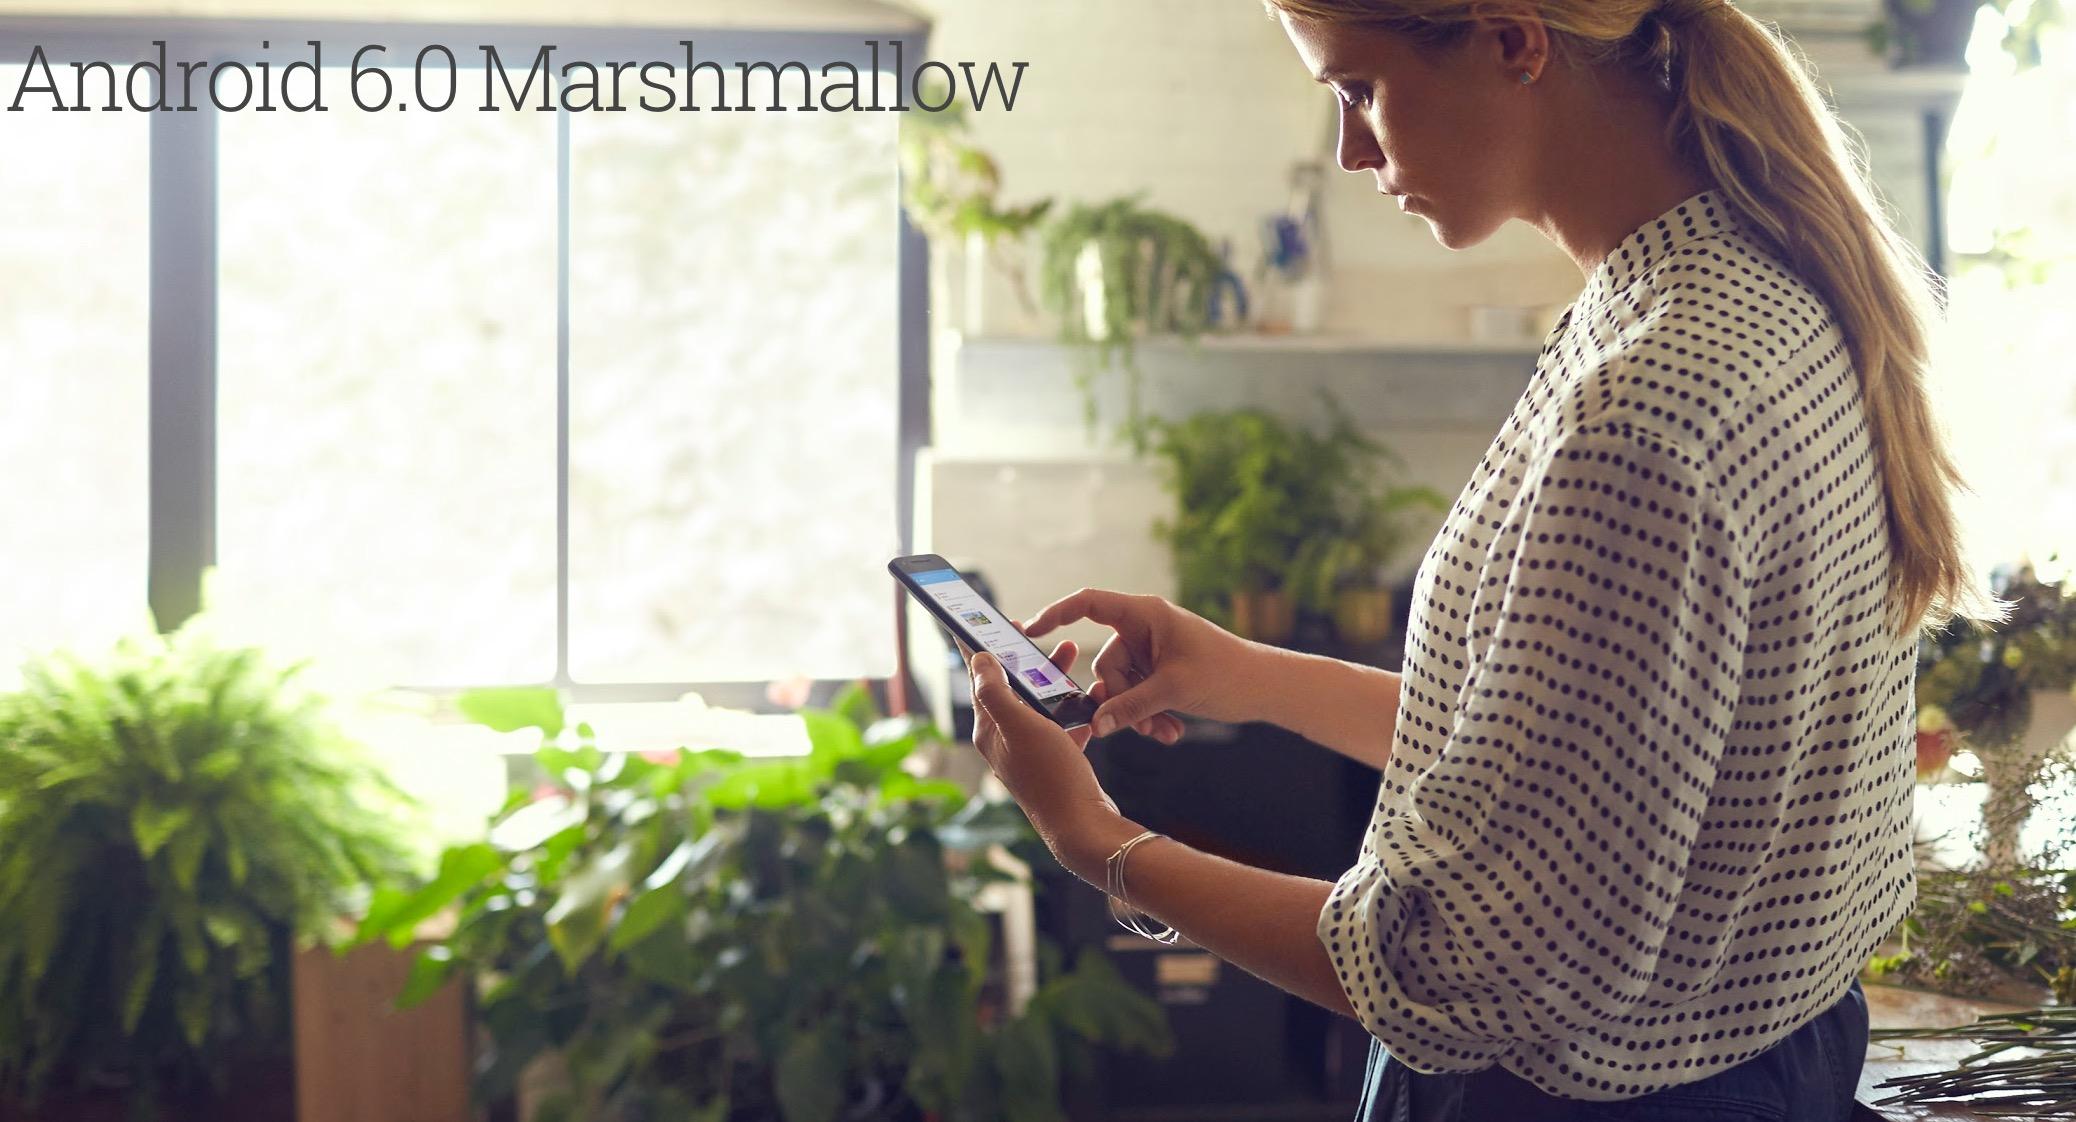 Android Marshmallow Nexus 5X